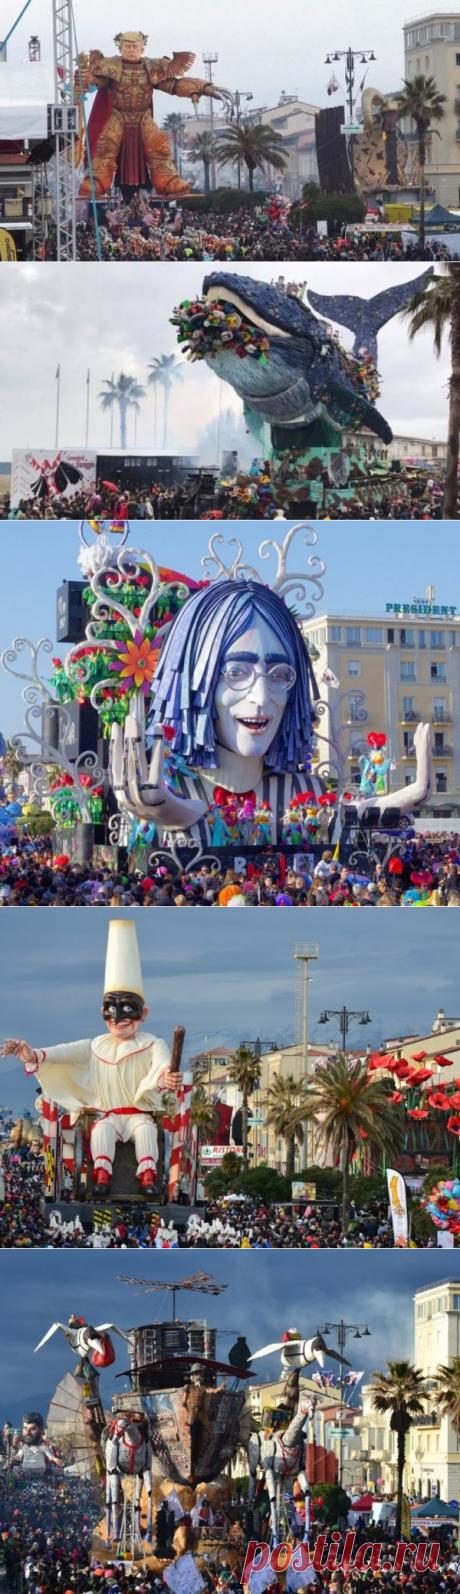 Виареджо: Трамп пожаловал на карнавал 2019 в виде чучела. Видео - новости Италии